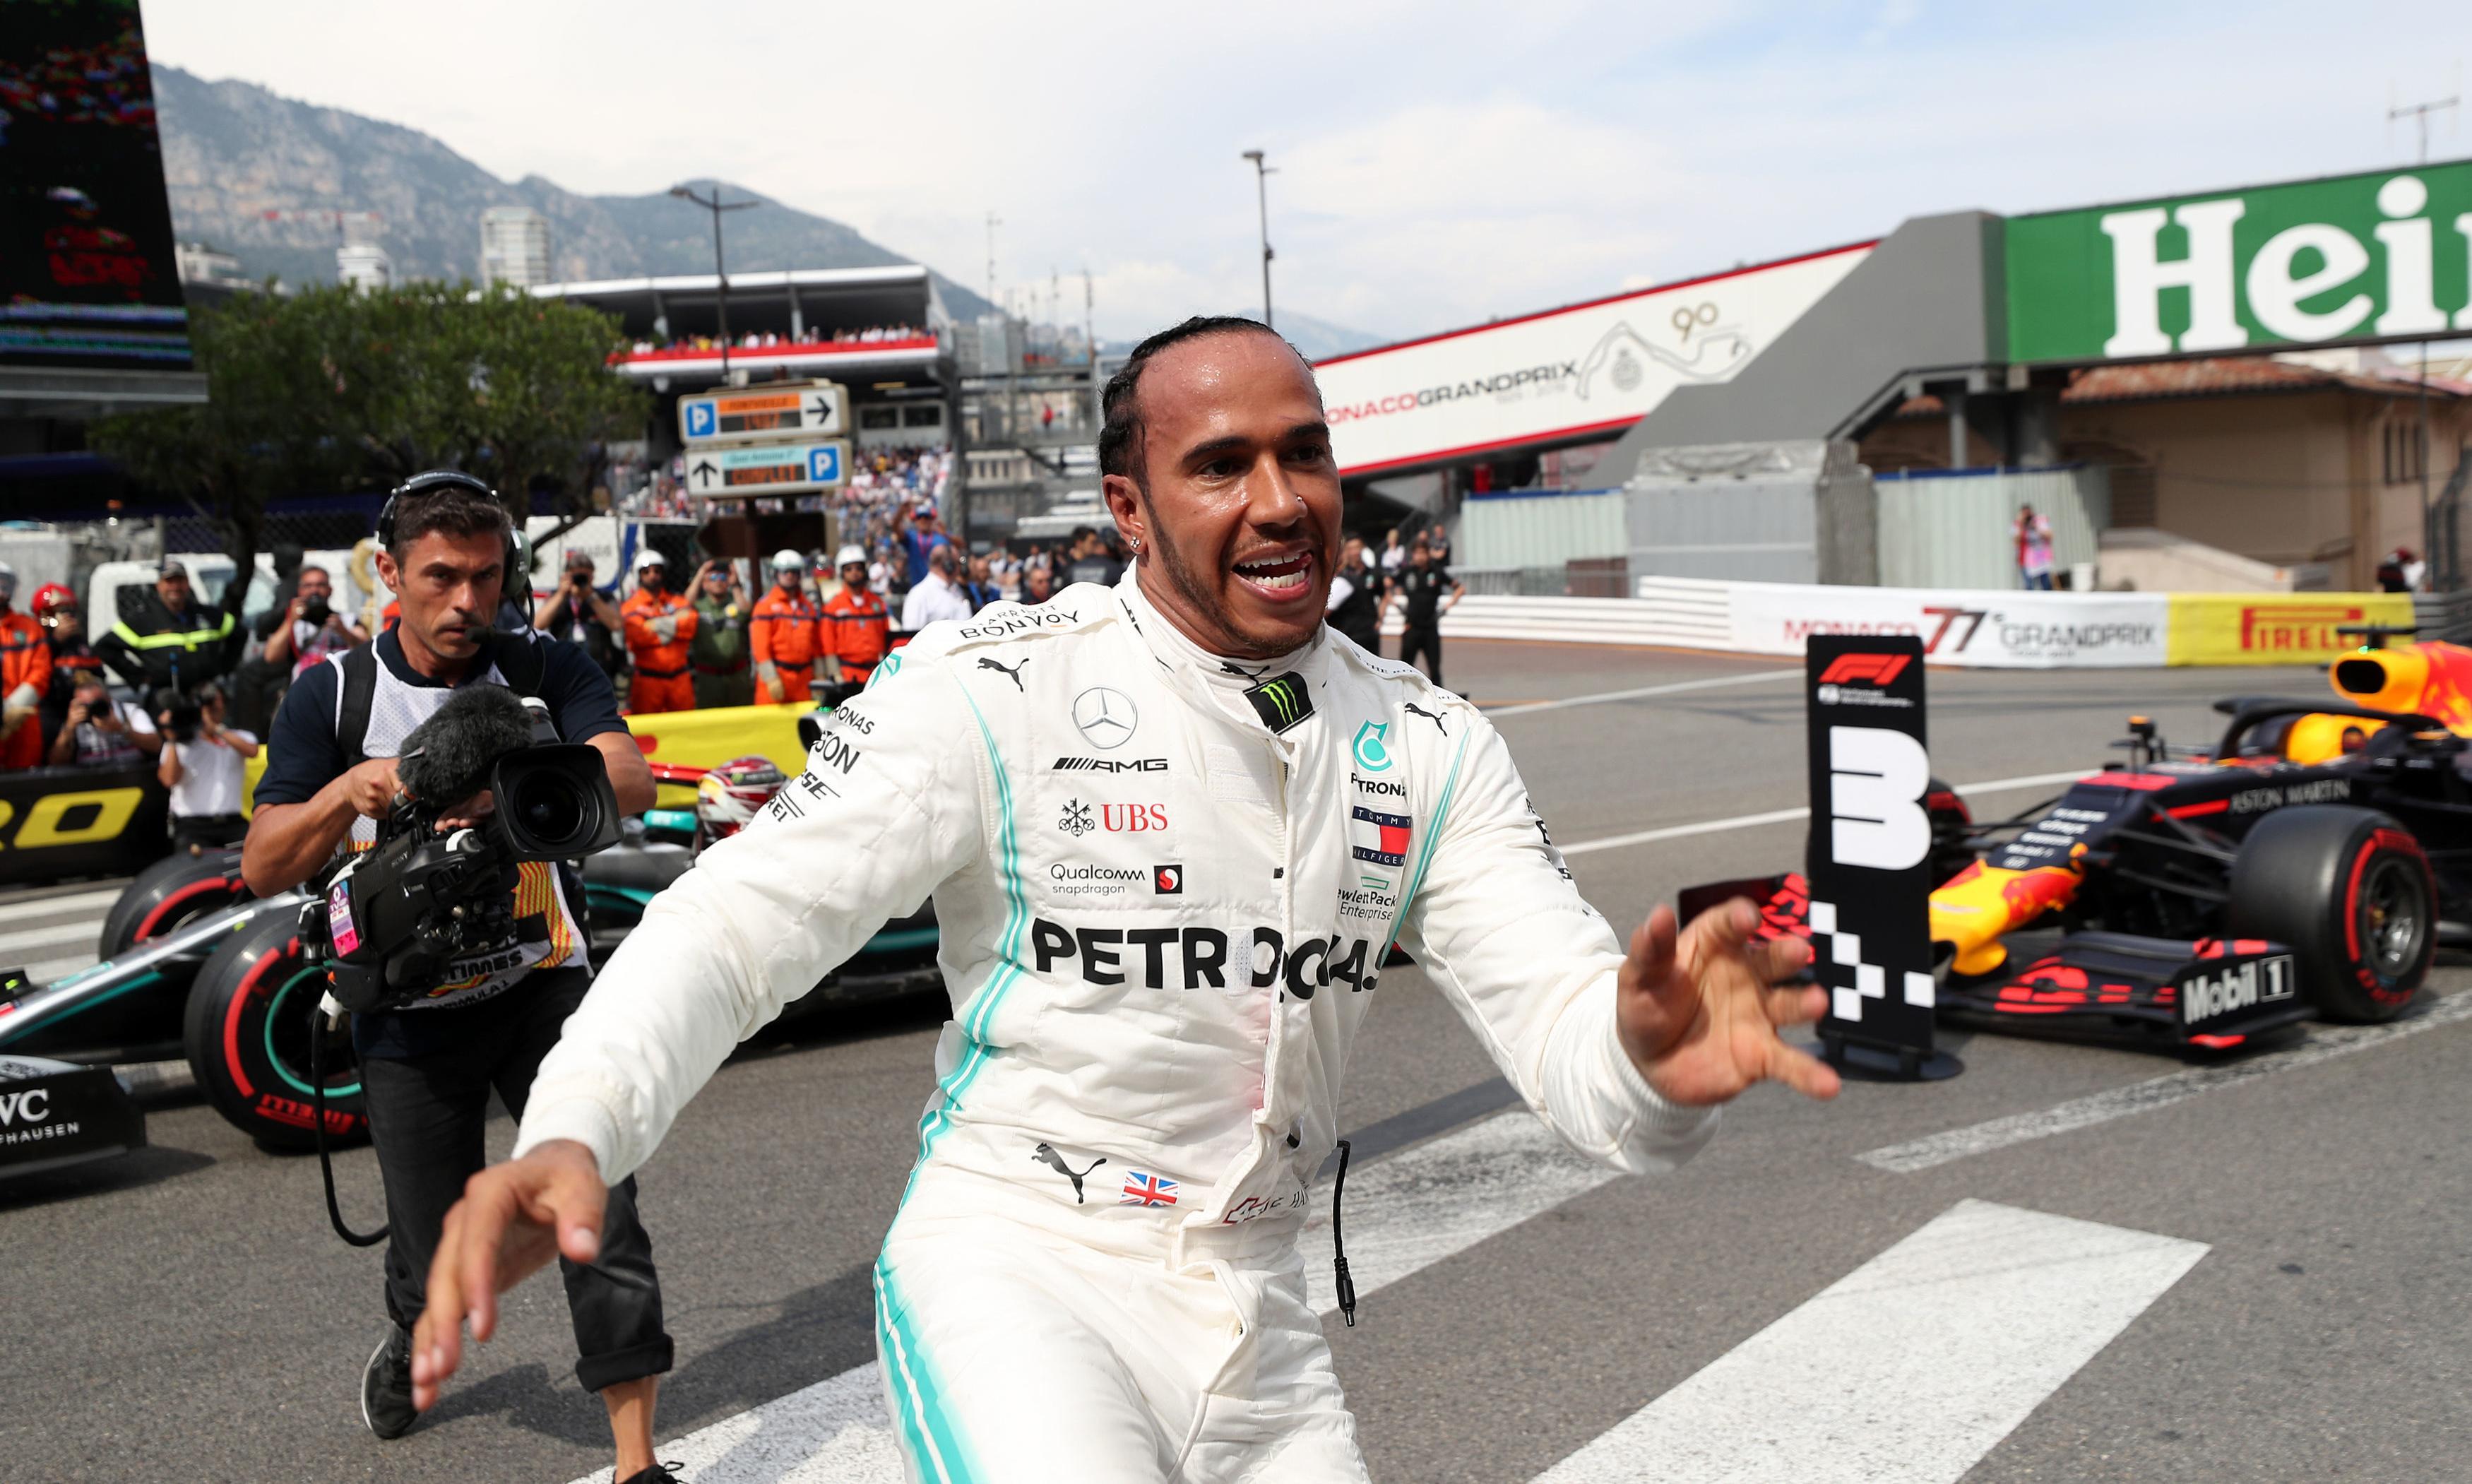 Lewis Hamilton pips Valtteri Bottas to Monaco GP pole as Leclerc slumps